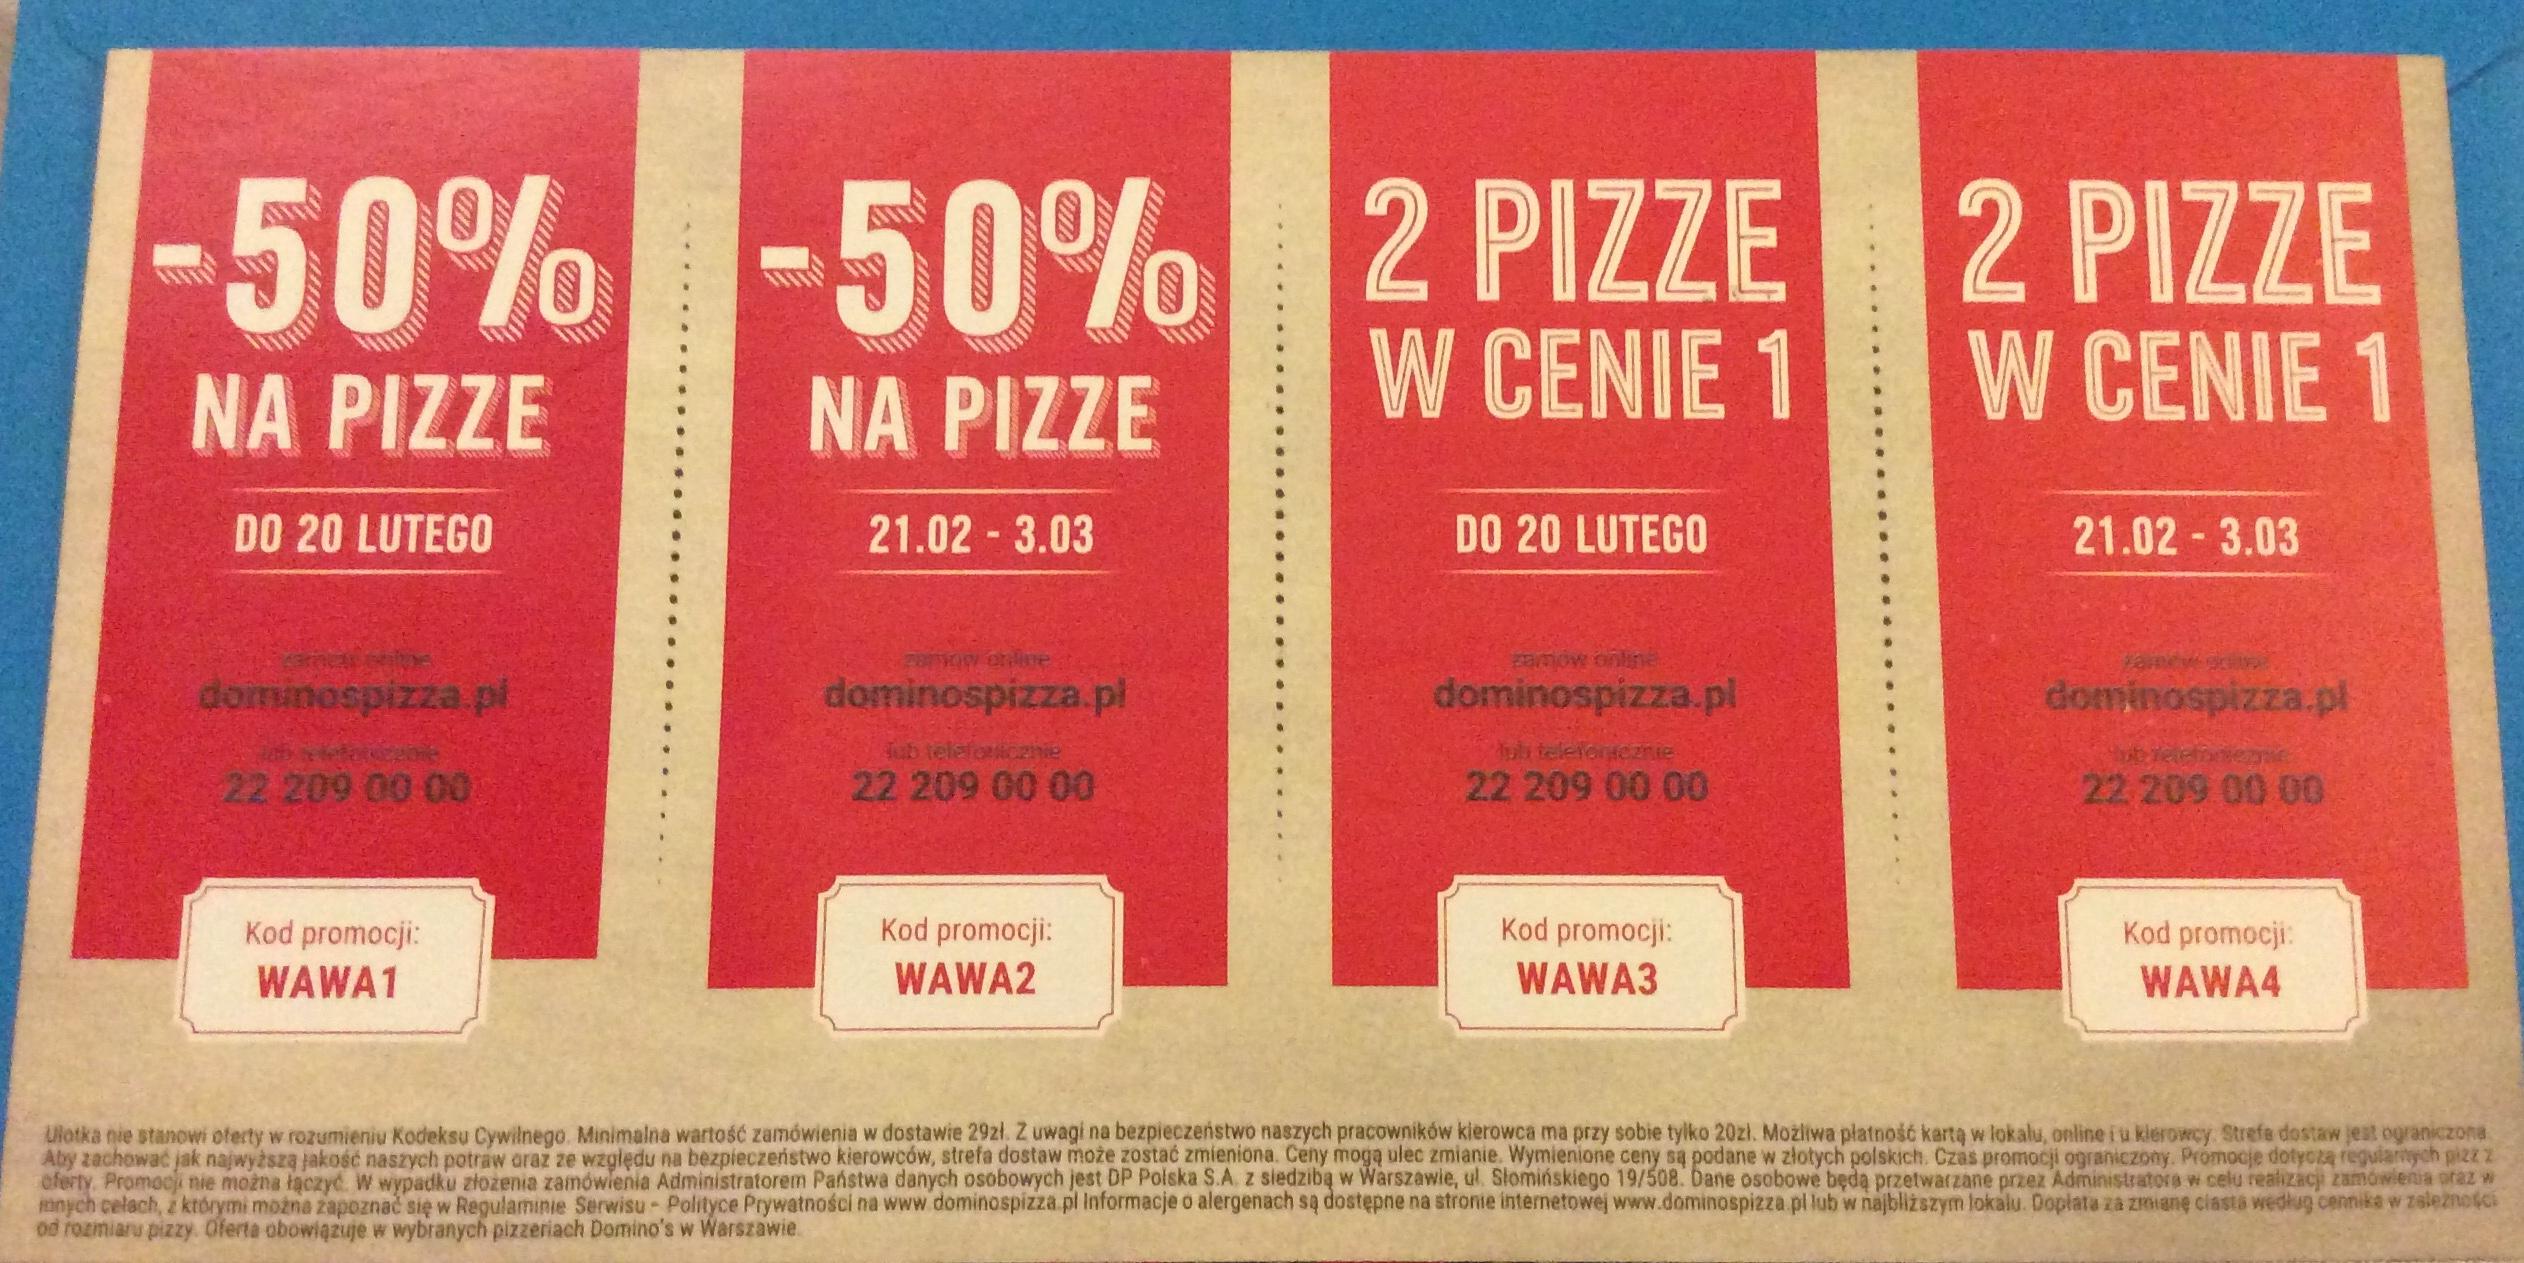 Dominos pizza -50% na pizzę oraz 2 pizze w cenie 1 Warszawa